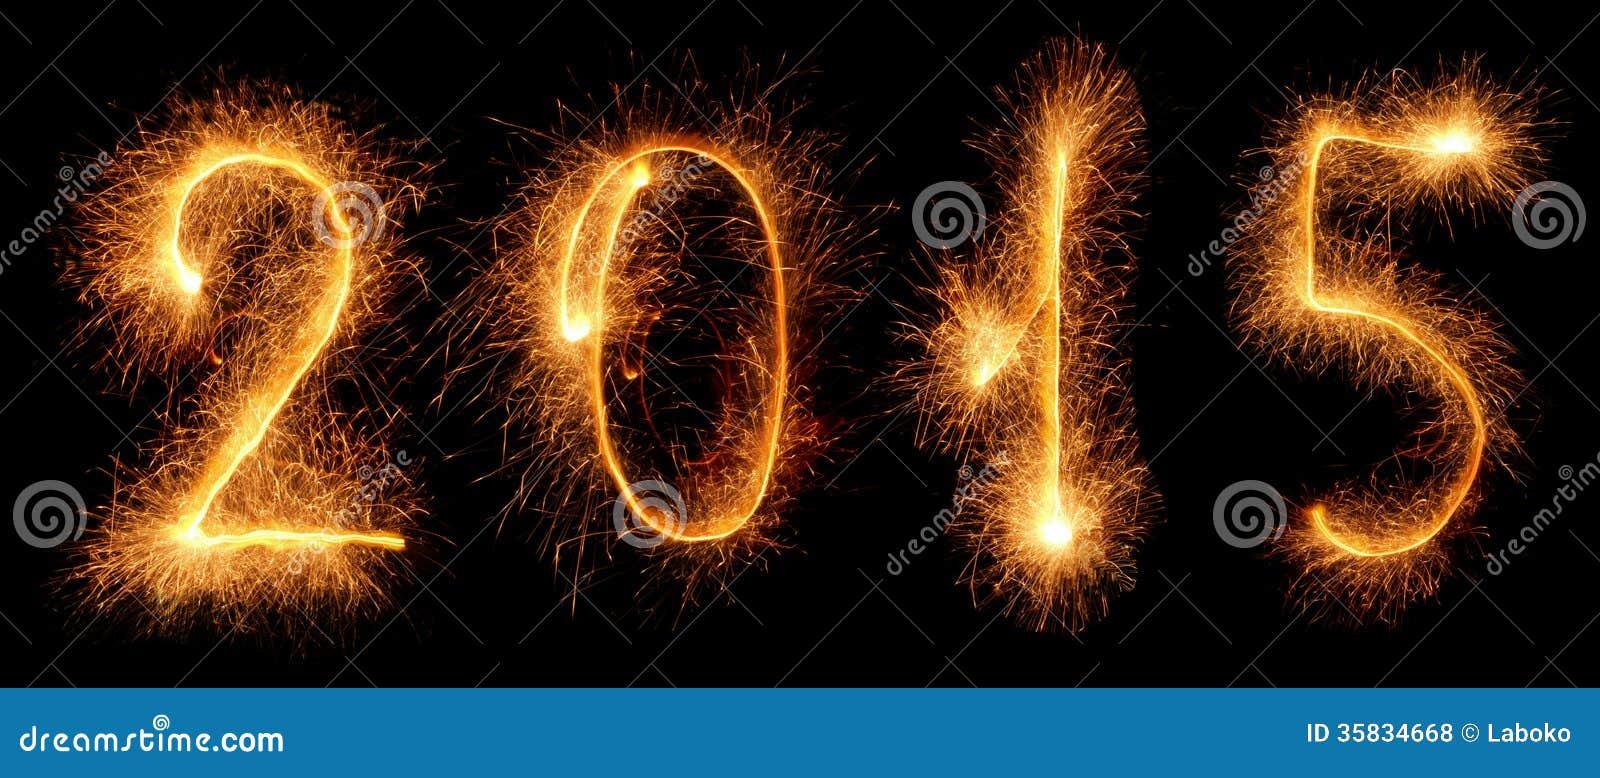 Бенгальский огонь. Новый Год 2015